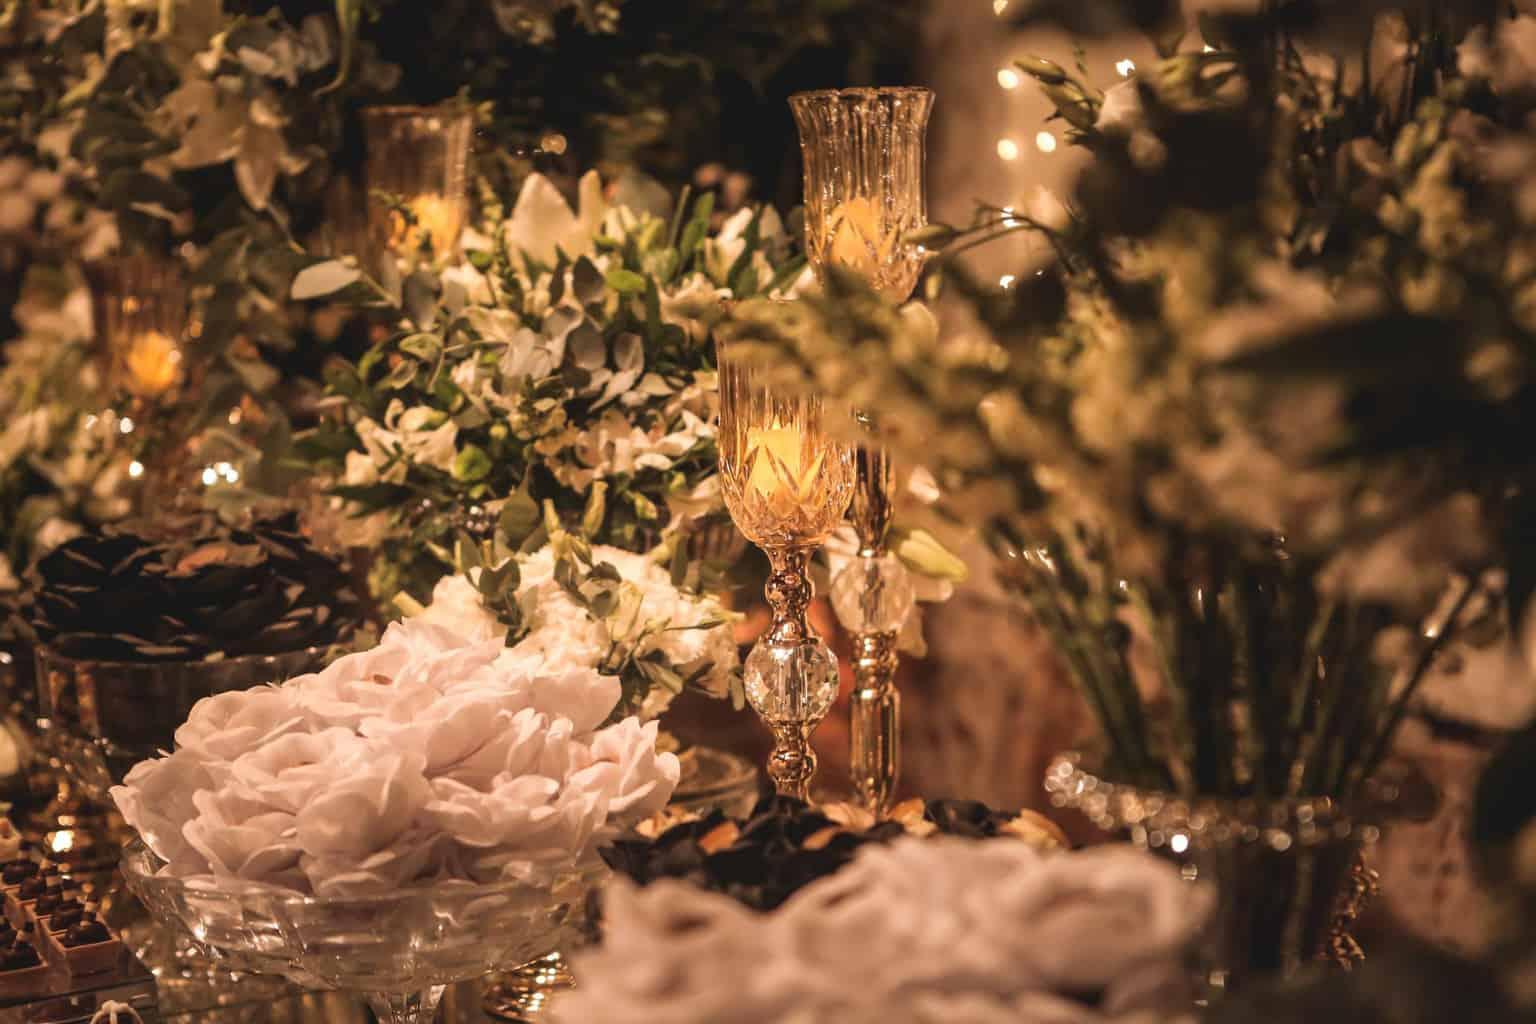 casamento-Juliana-e-Eduardo-decoracao-da-festa-Fotografia-Ricardo-Nascimento-e-Thereza-magno-mesa-de-doces-Usina-dois-irmãos40